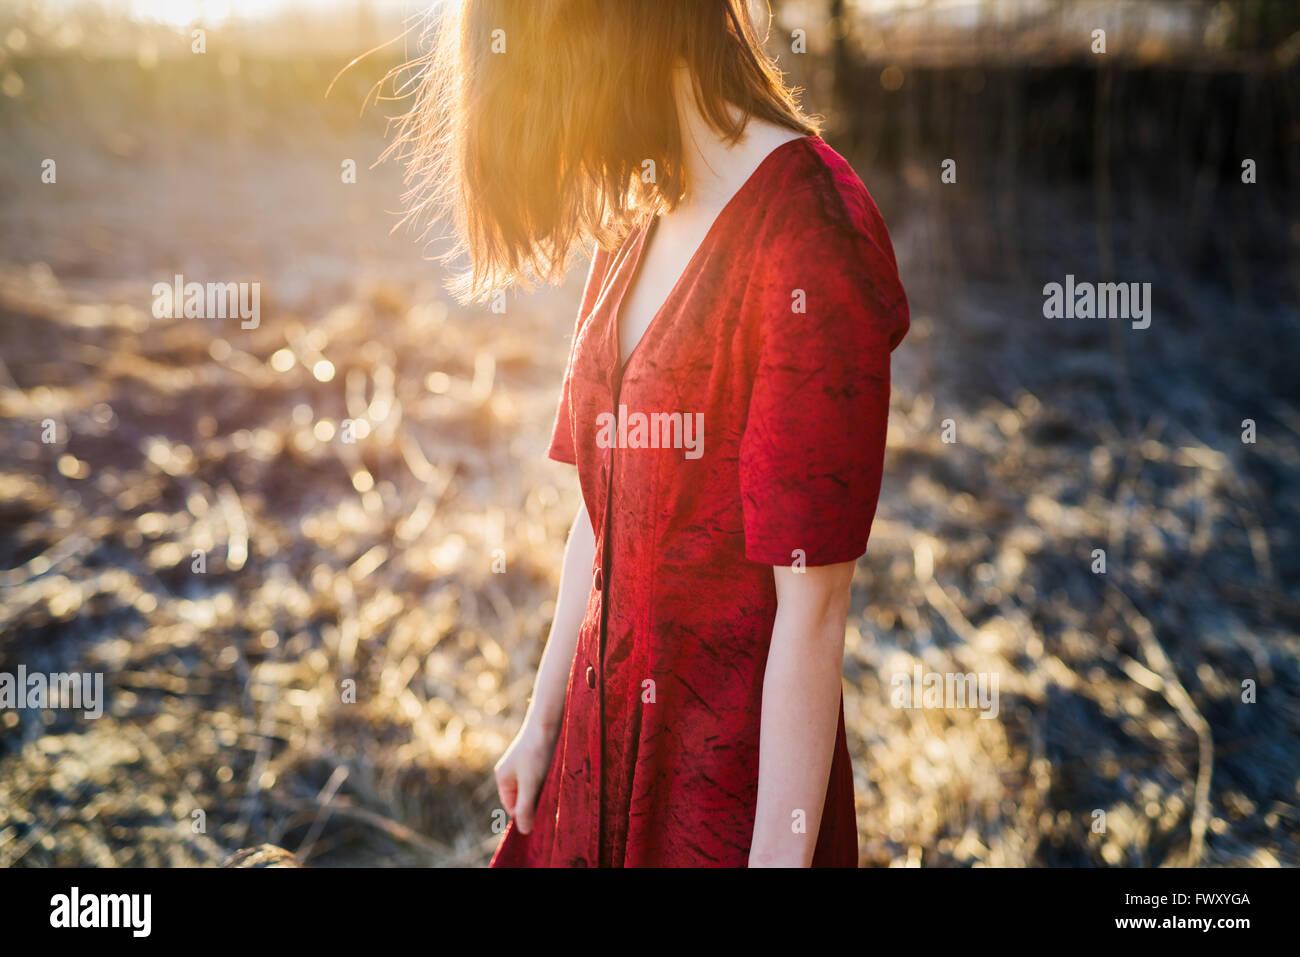 La Finlande, les jeunes World, cheveux rouge femme en robe rouge debout dans la lumière du soleil Photo Stock